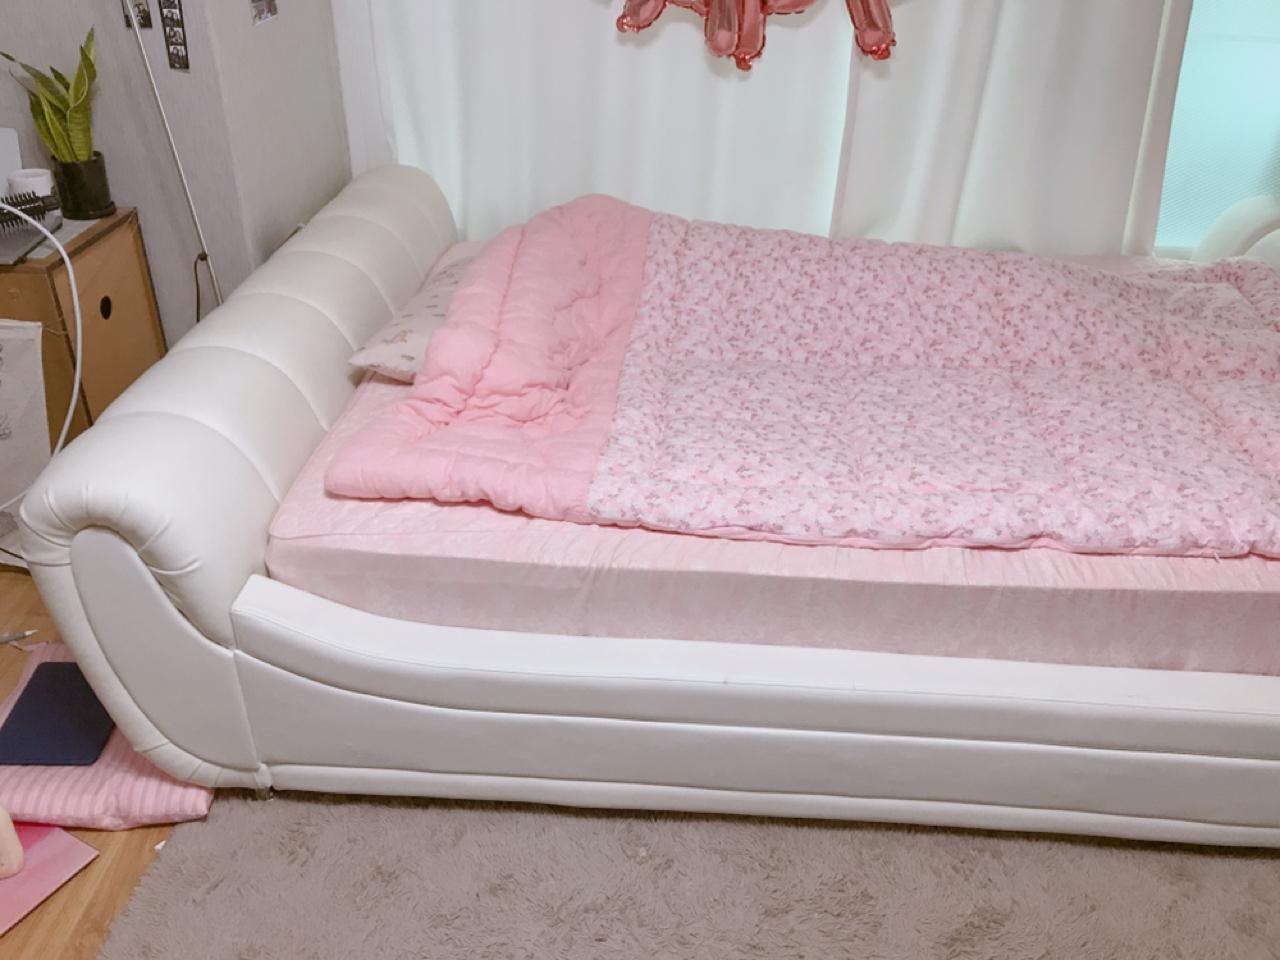 퀸사이즈 침대 팝니다